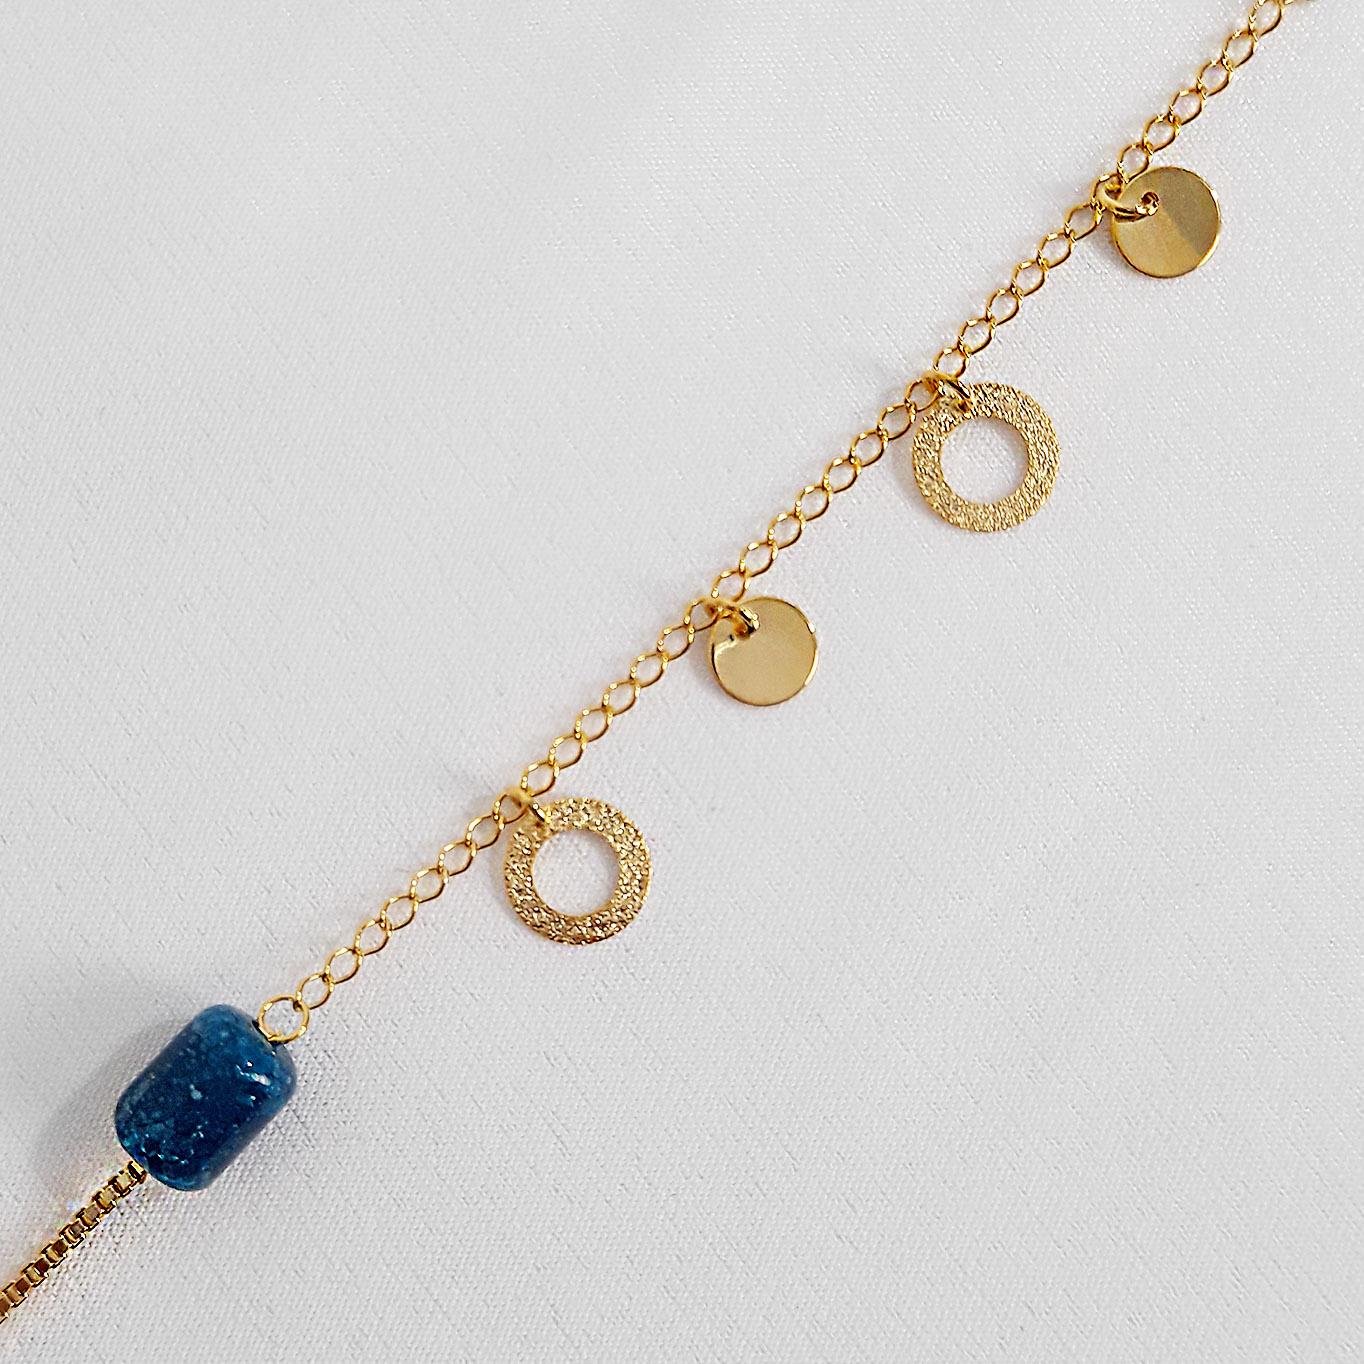 Pulseira Veneziana com Miçanga Azul Folheado a Ouro 18K  - Lunozê Joias